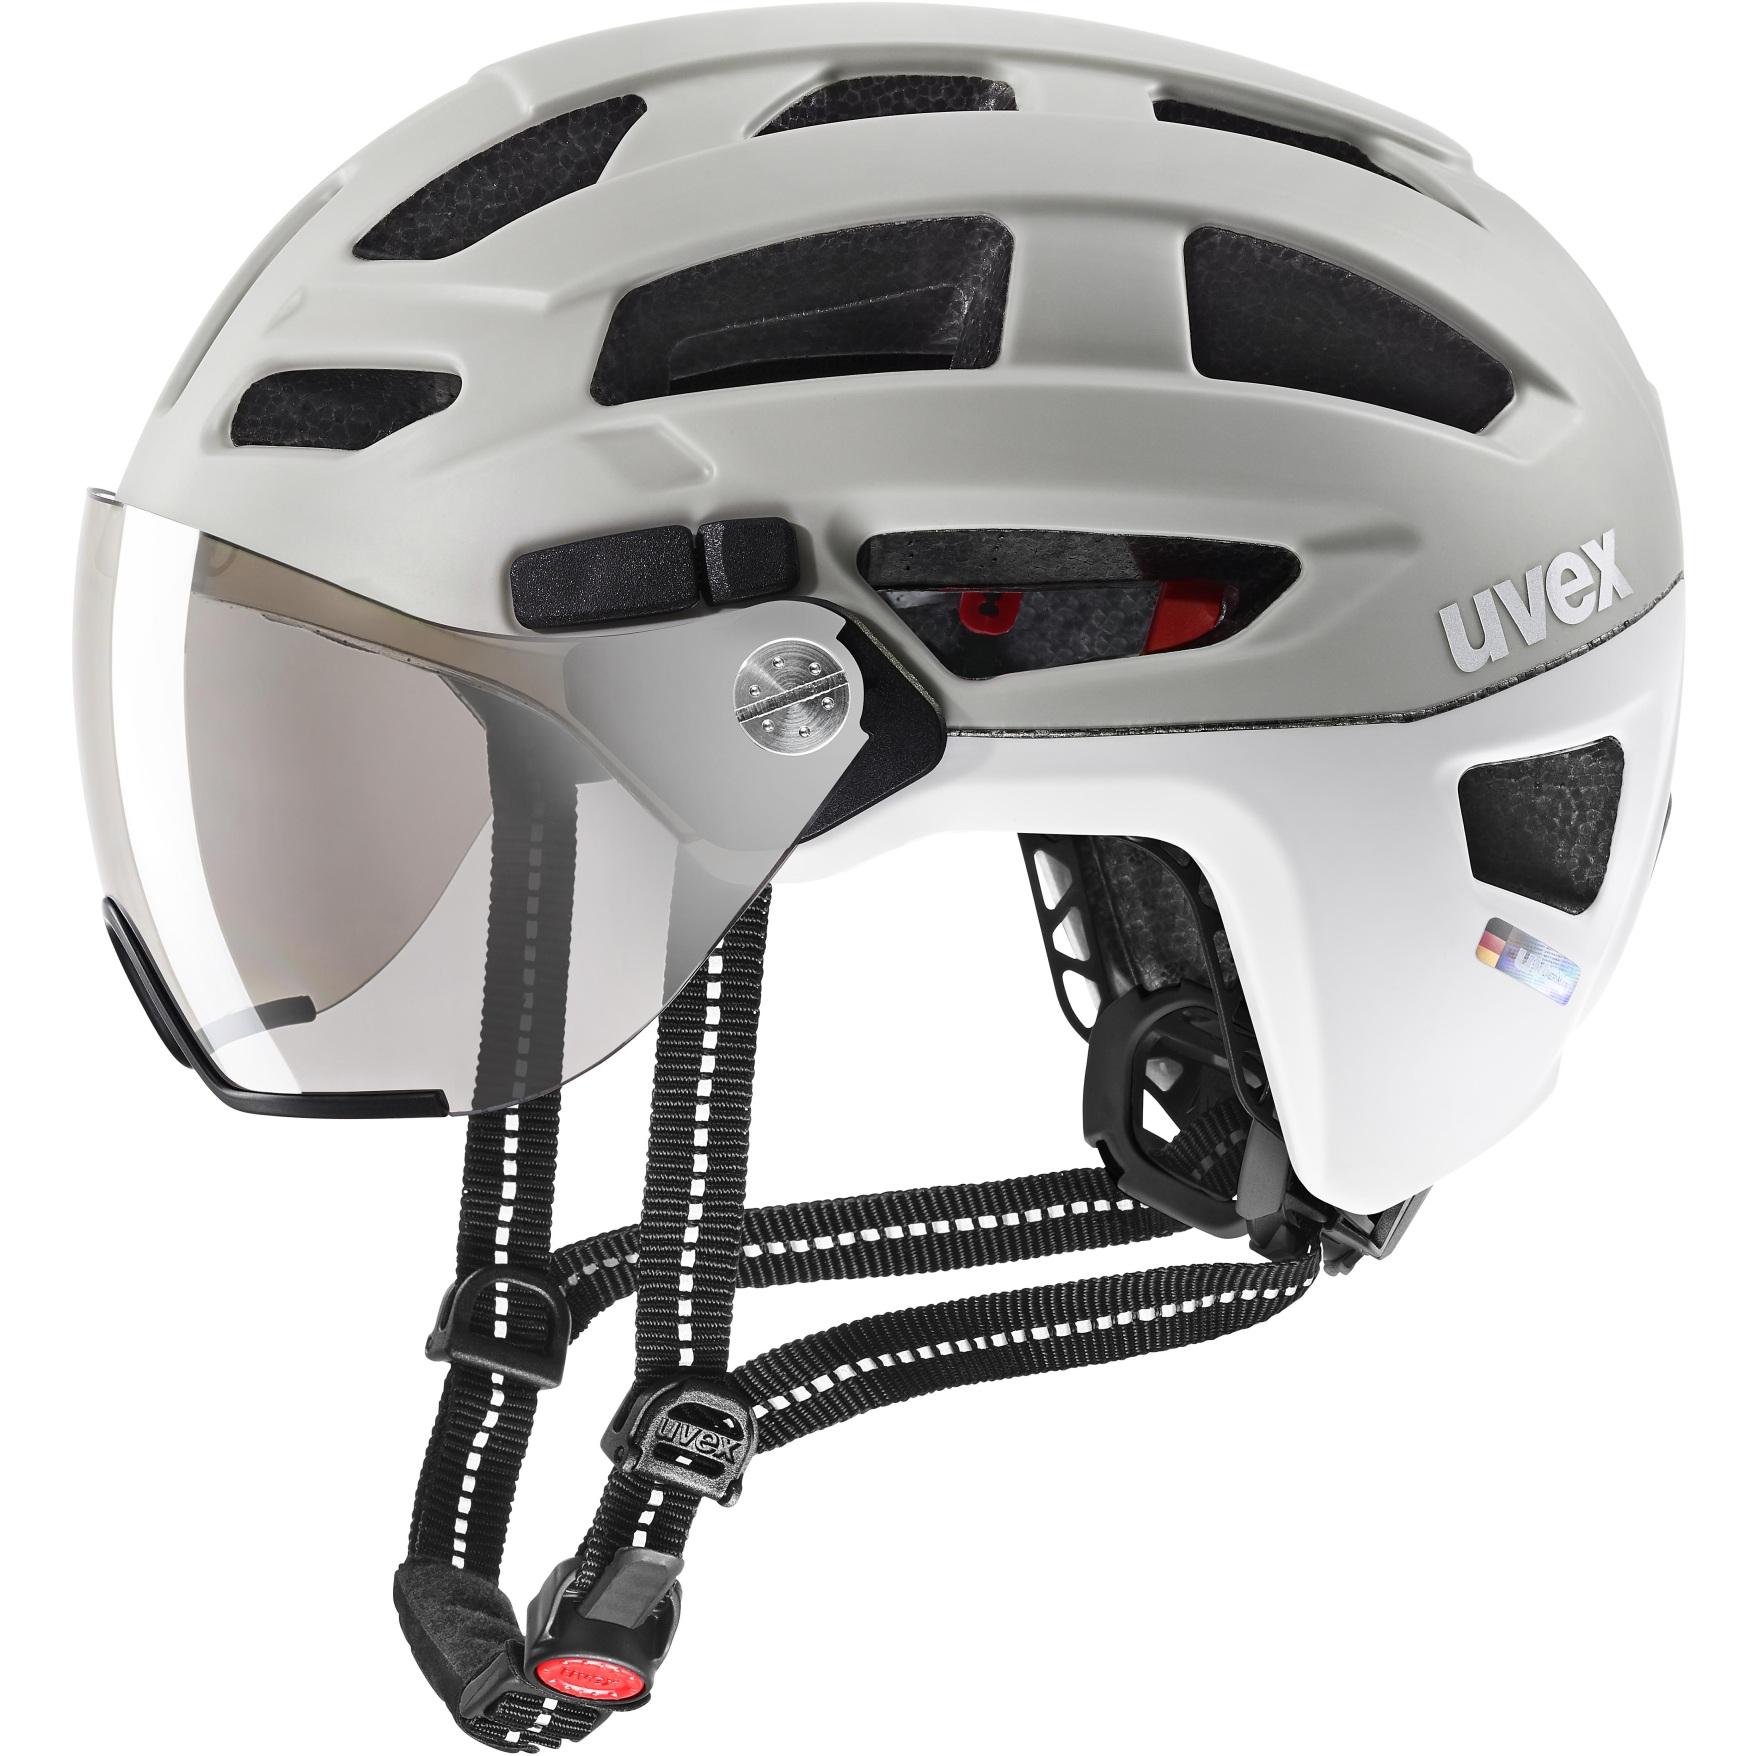 Uvex finale visor Helmet - sand-white mat